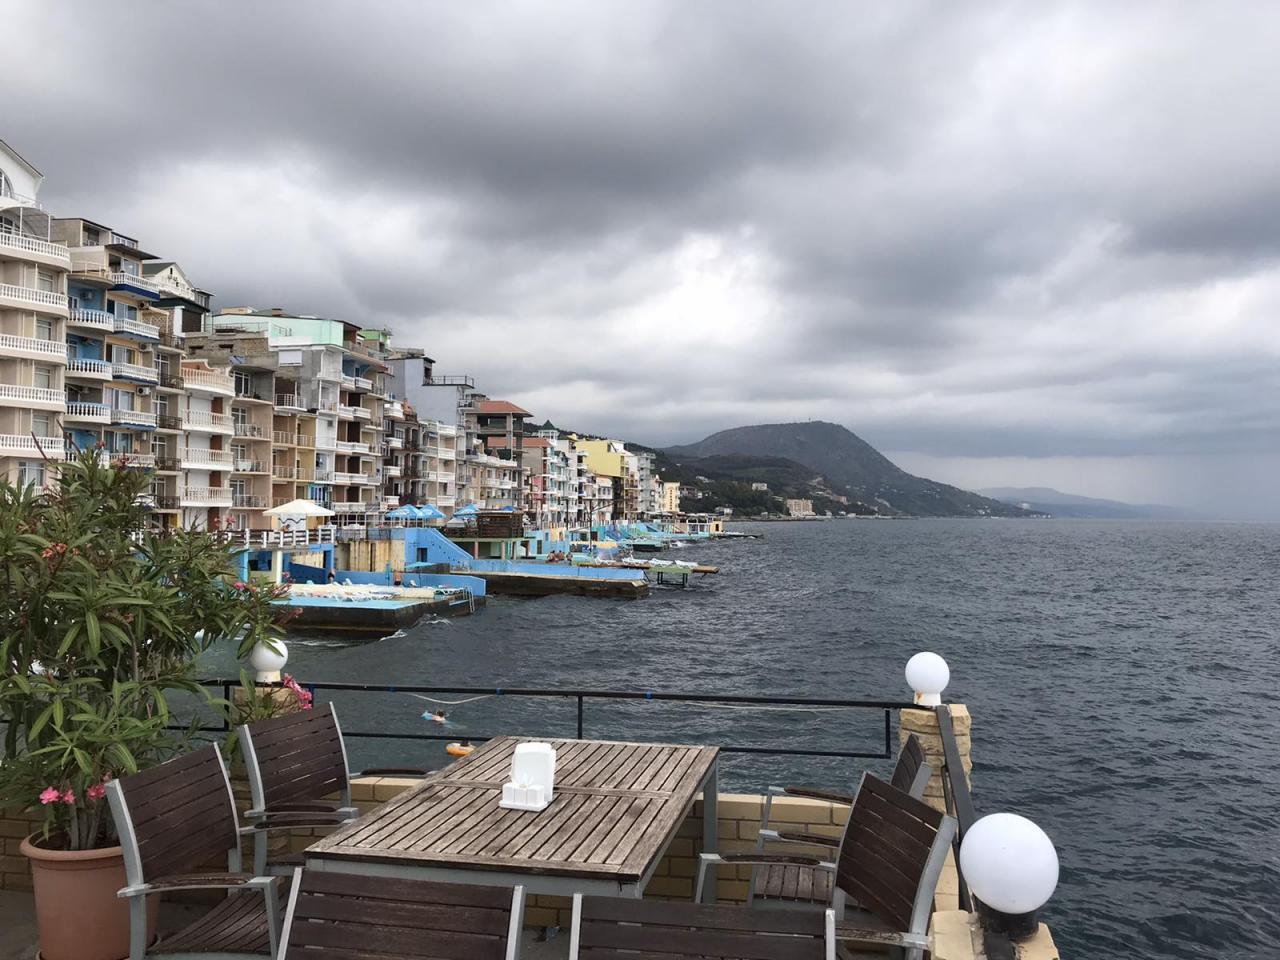 Продам виллу-отель на самом берегу Крыма. 255 м! 8 м до воды. Готовый бизнес под отель. Туристический курорт! | фото 1 из 6